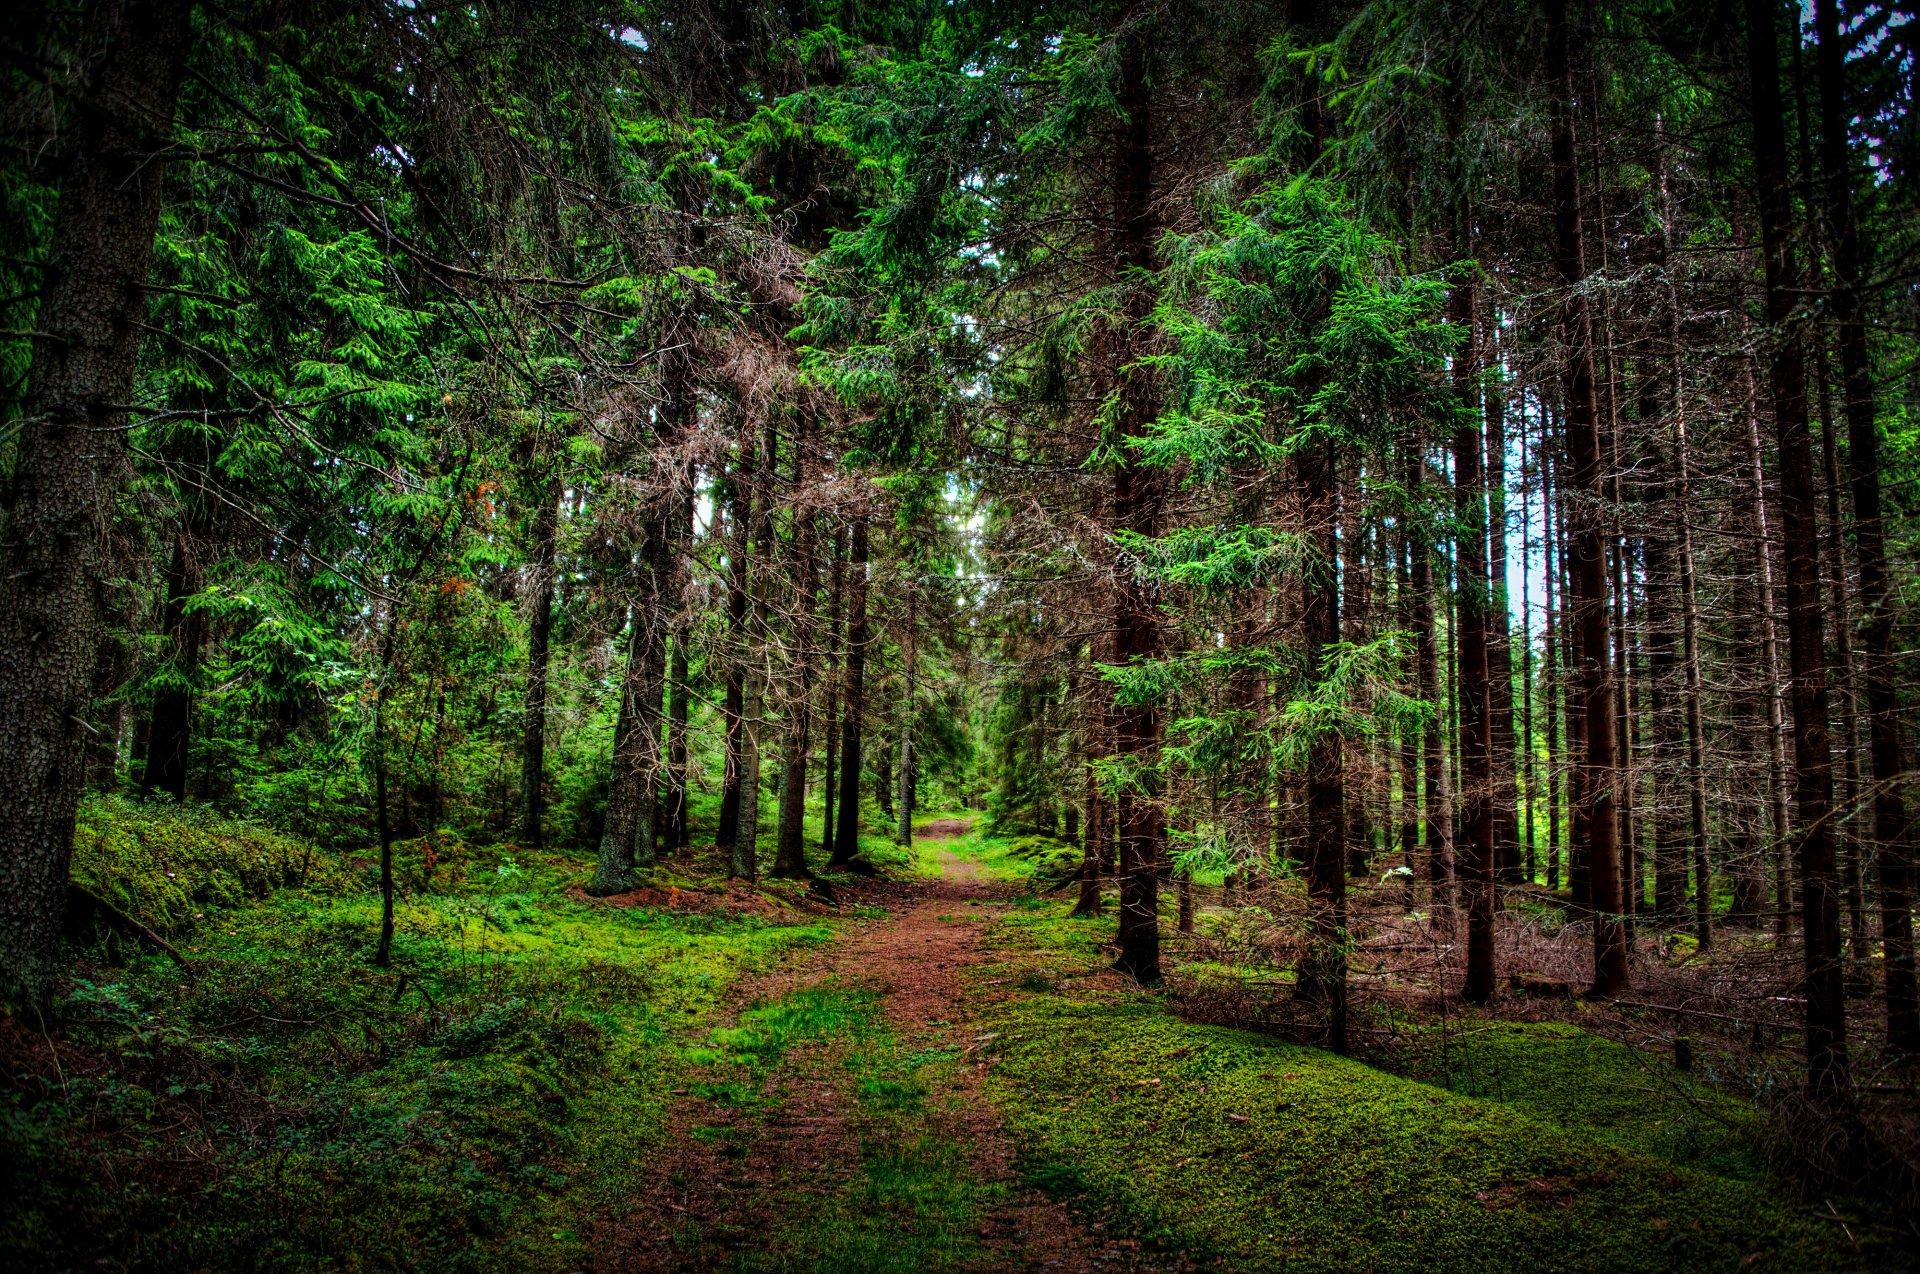 светом фотографии леса для печати дороге